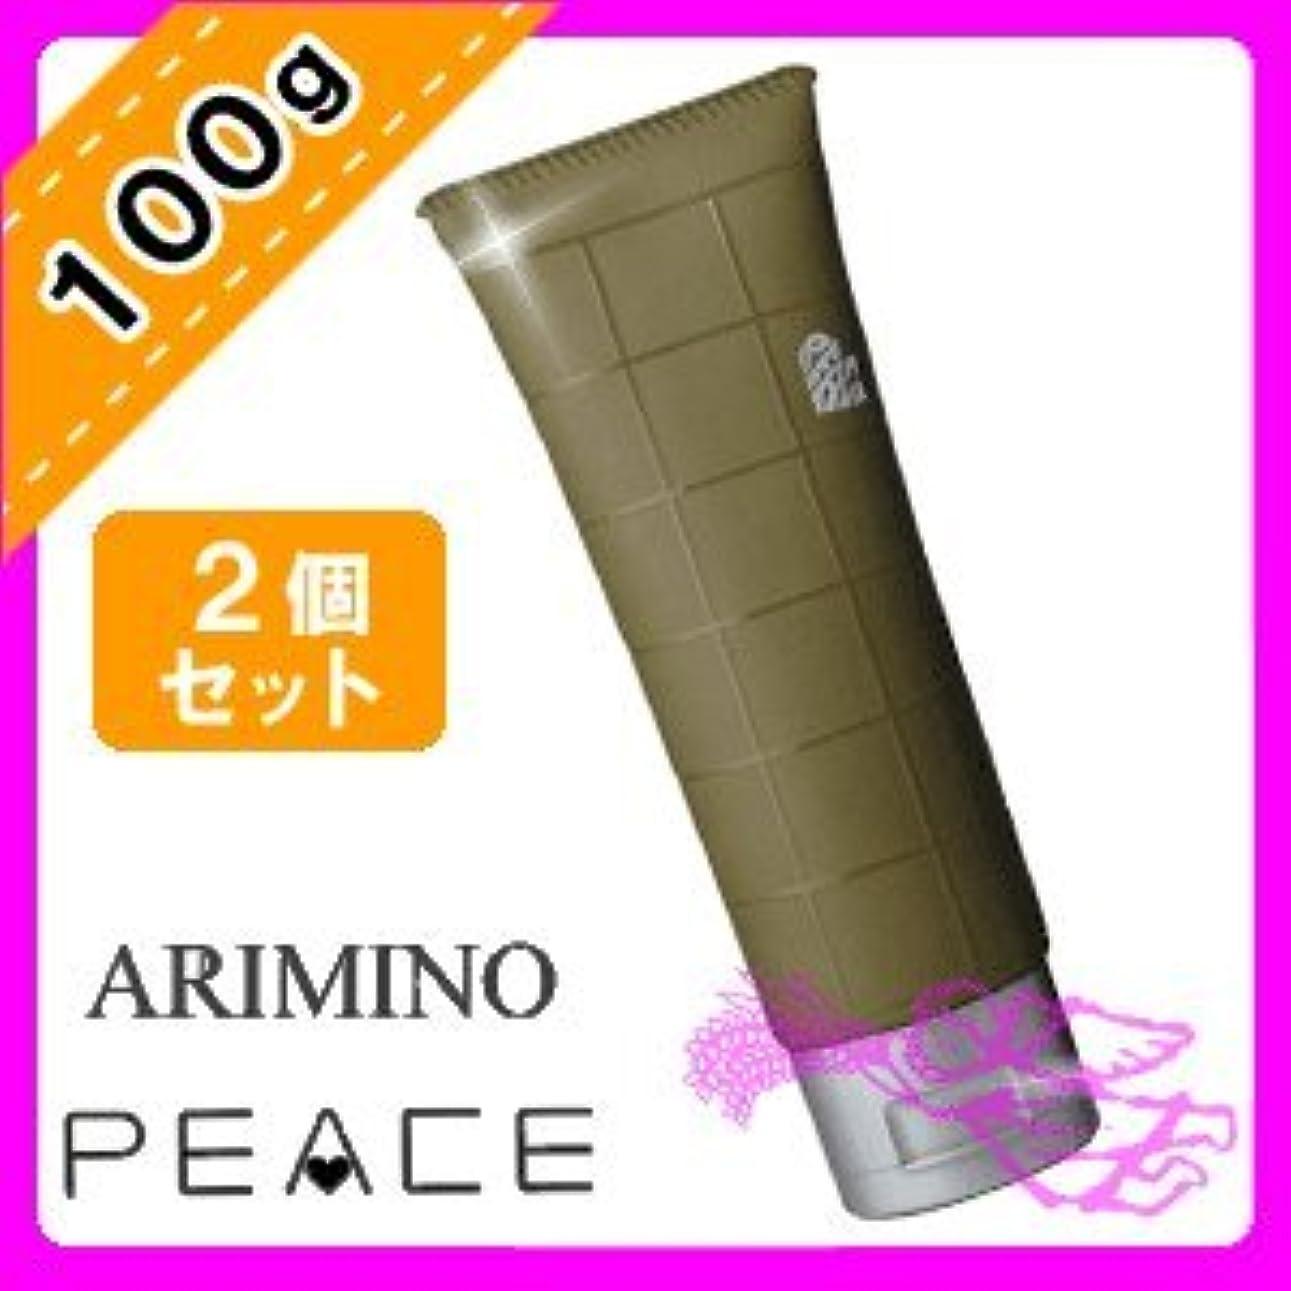 大腿憂鬱な社員アリミノ ピース ウェットオイル ワックス 100g ×2個セット arimino PEACE